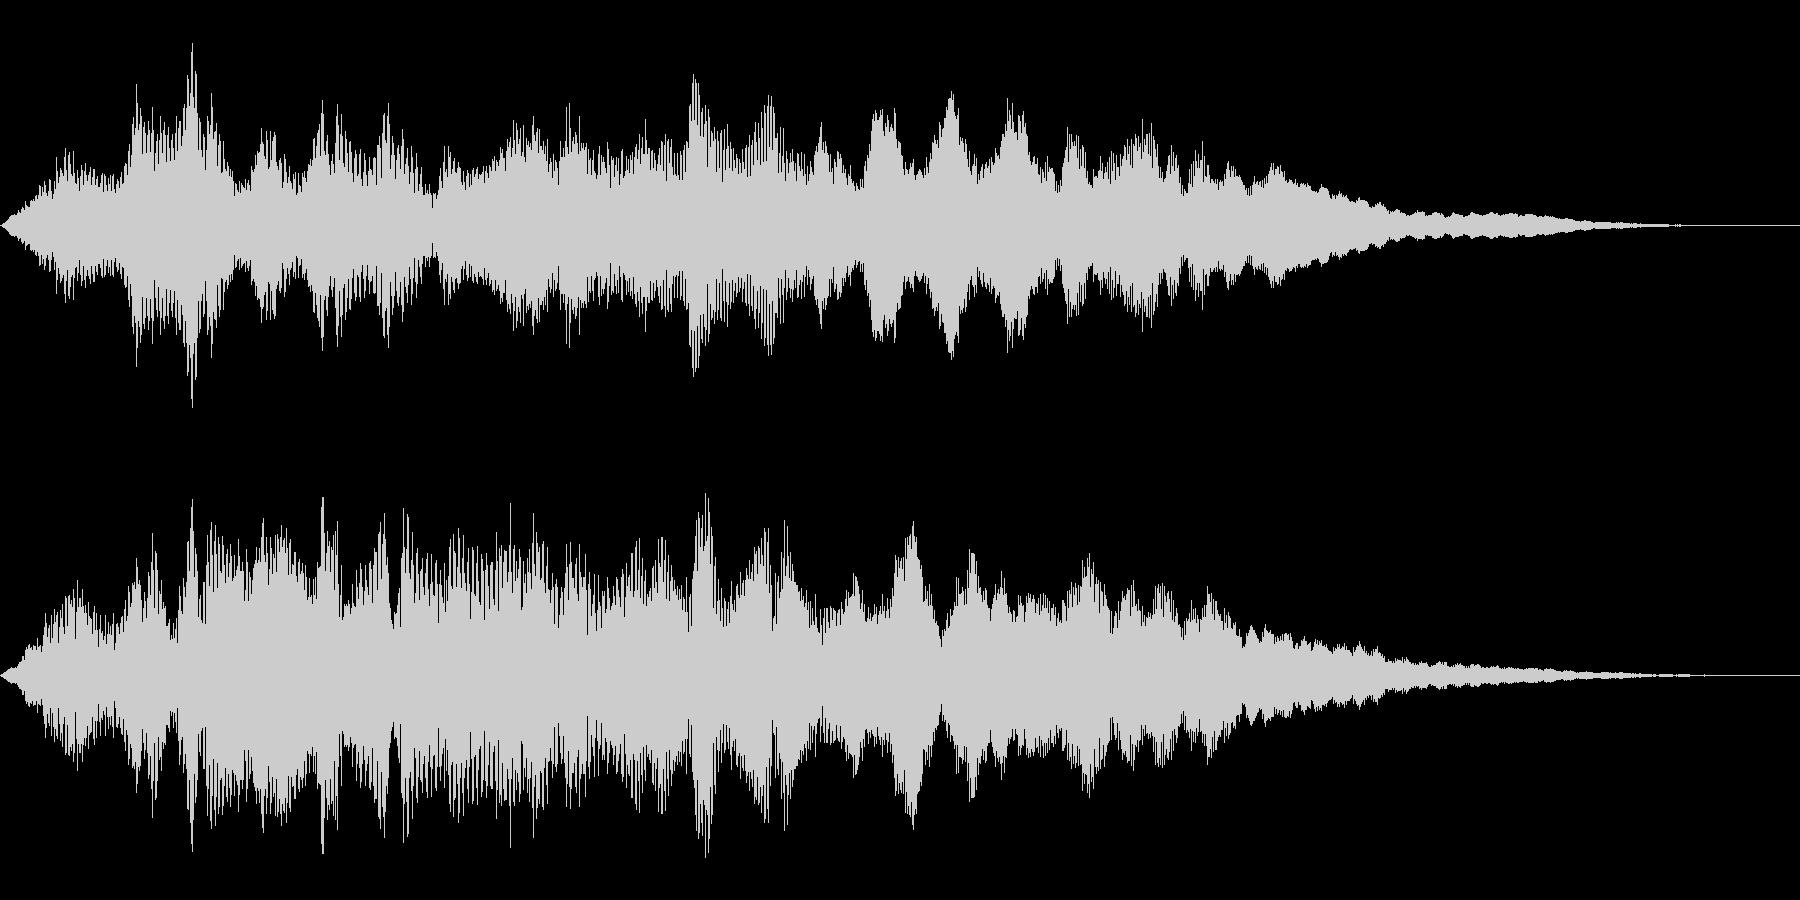 タイトルバック ホラー8の未再生の波形